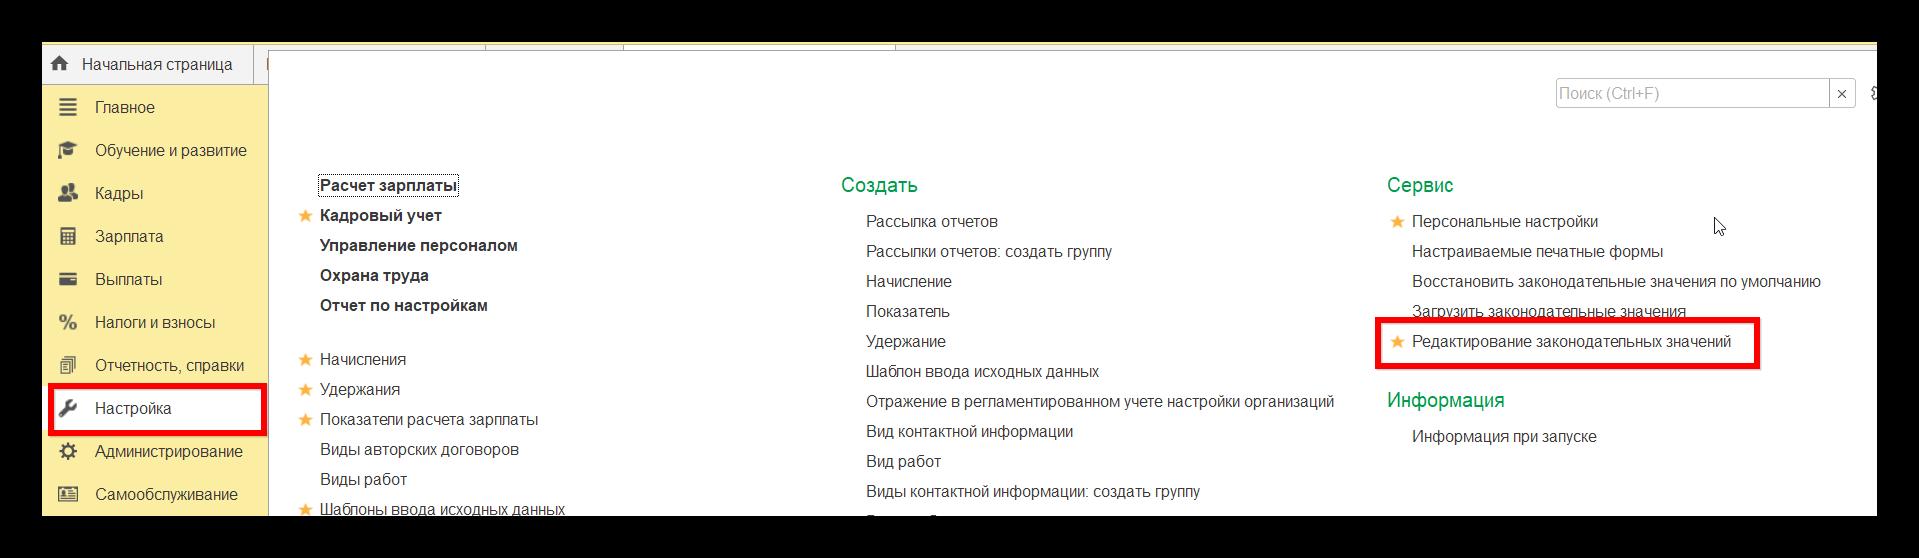 Редактирование законодательных изменений в 1С 8 ЗУП 3.1